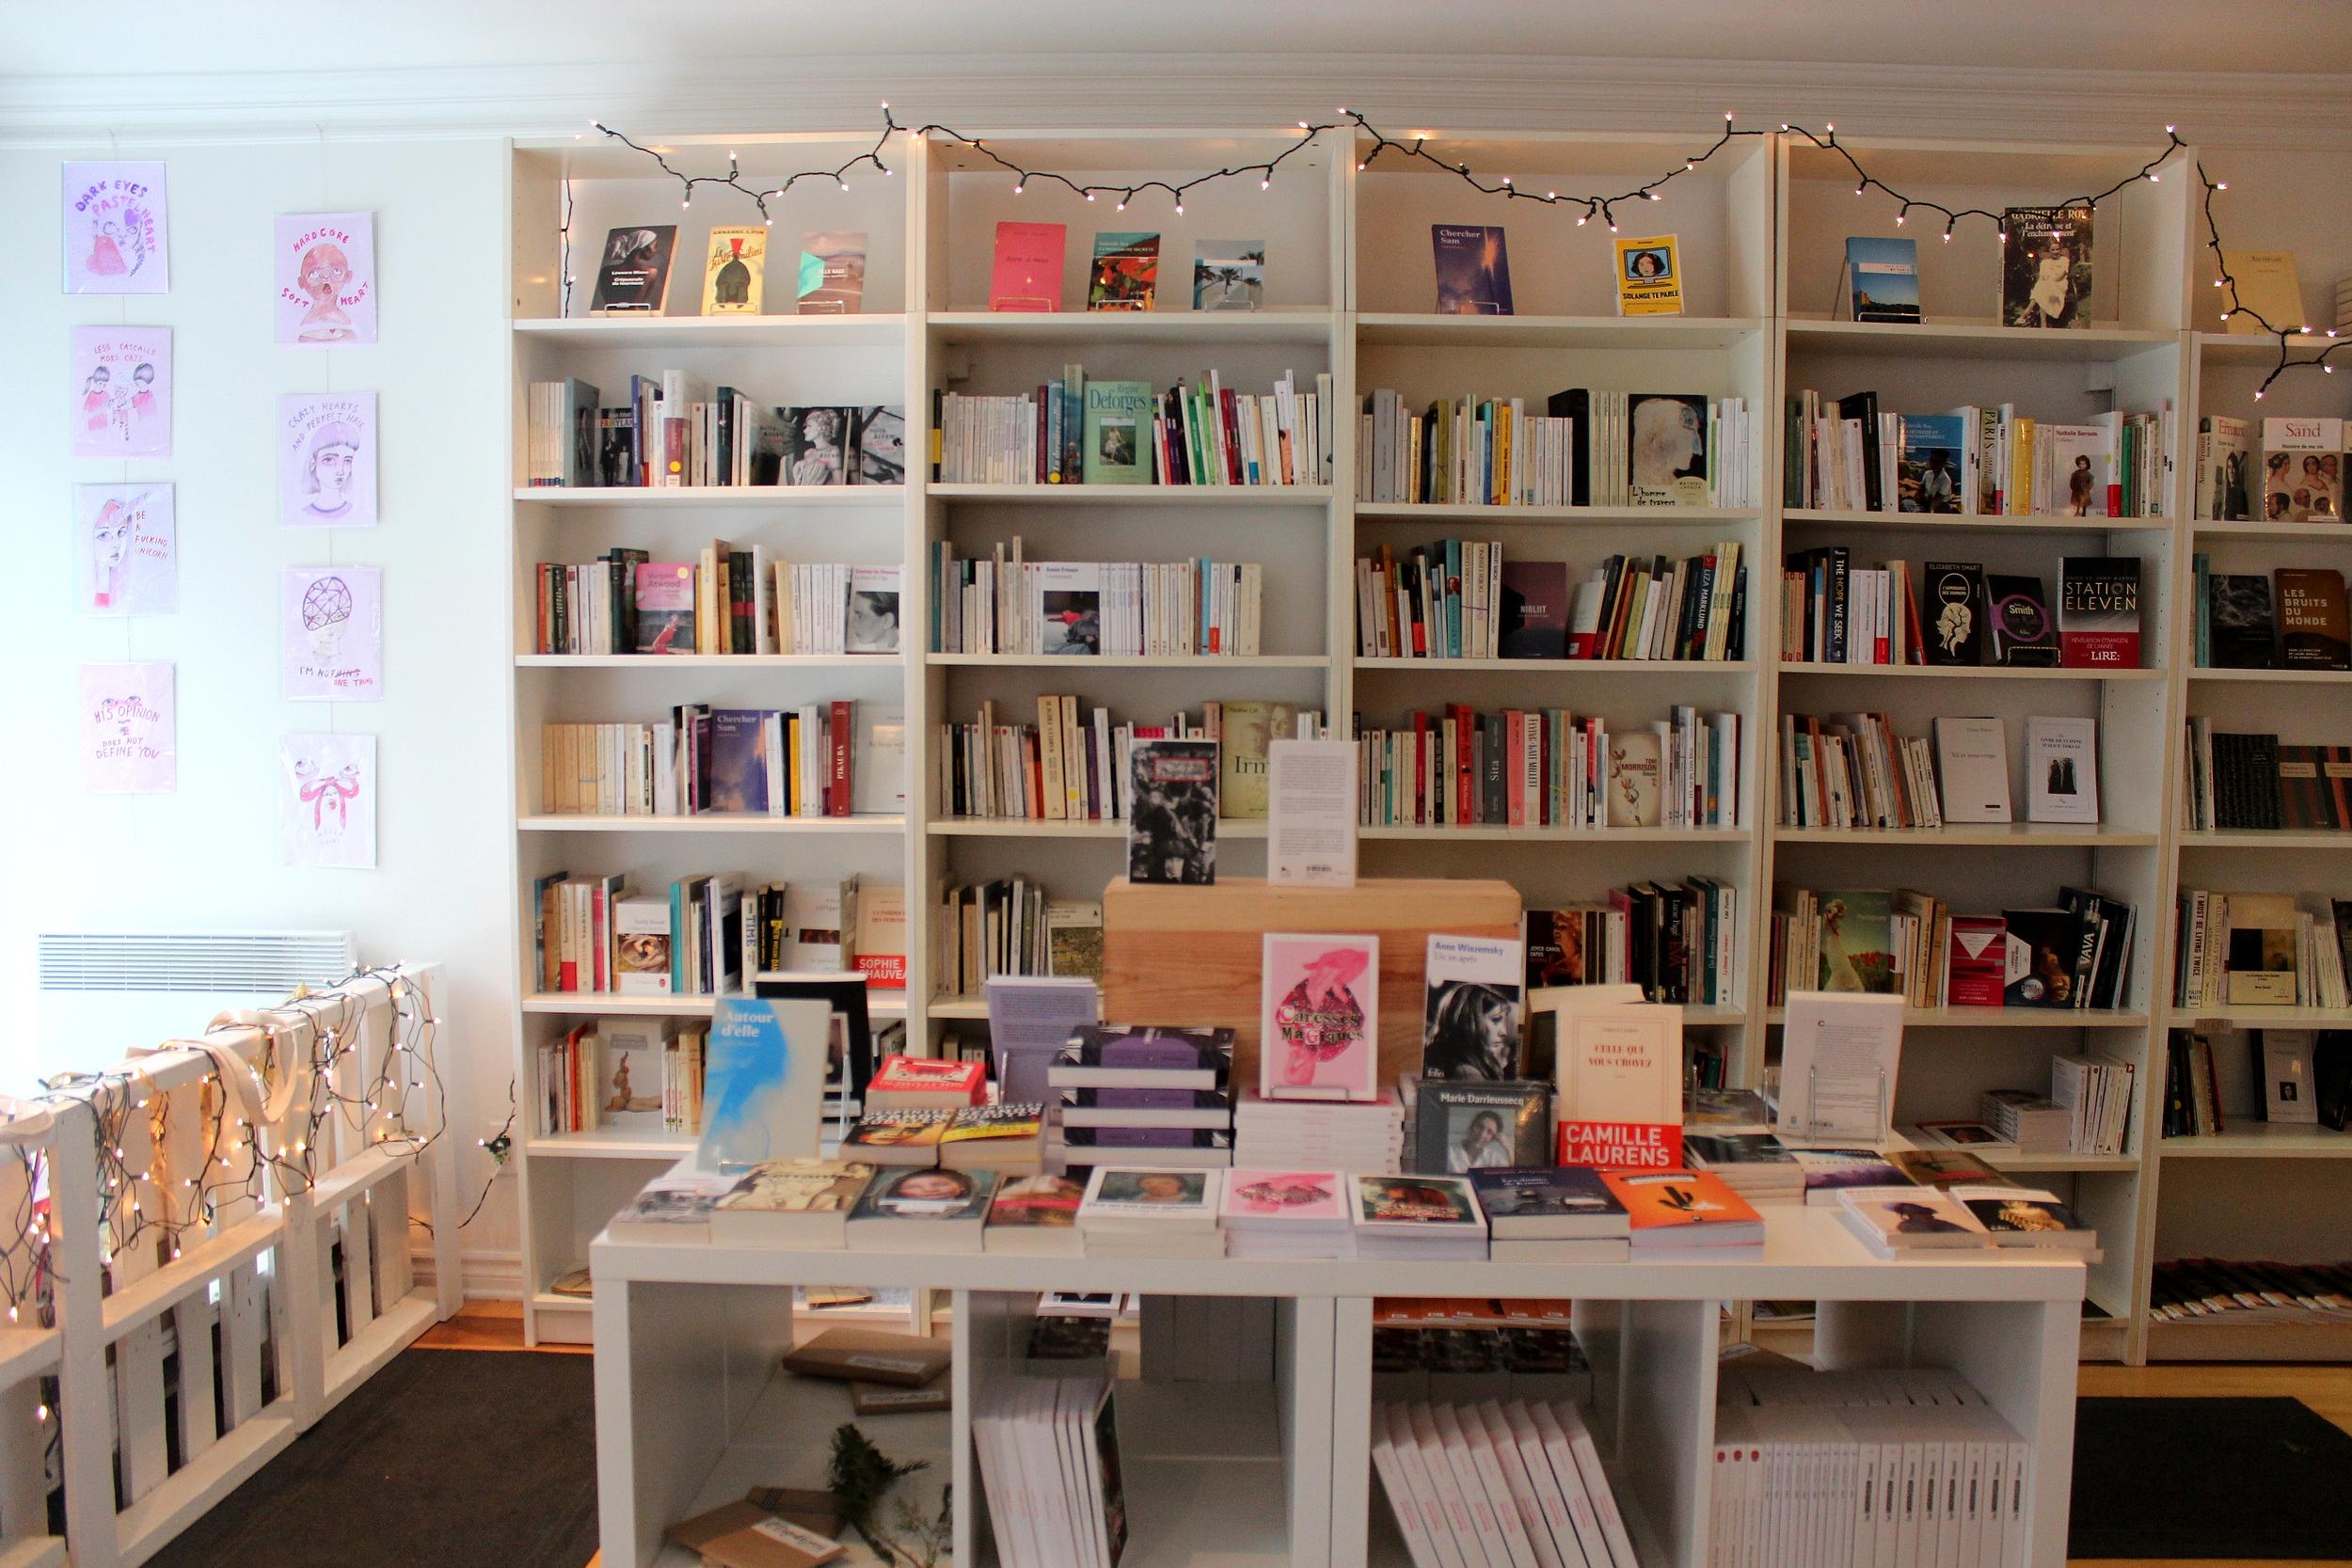 L'équipe aimerait ouvrir un coin café pour que les clients puissent s'asseoir, lire et flâner. ©AL